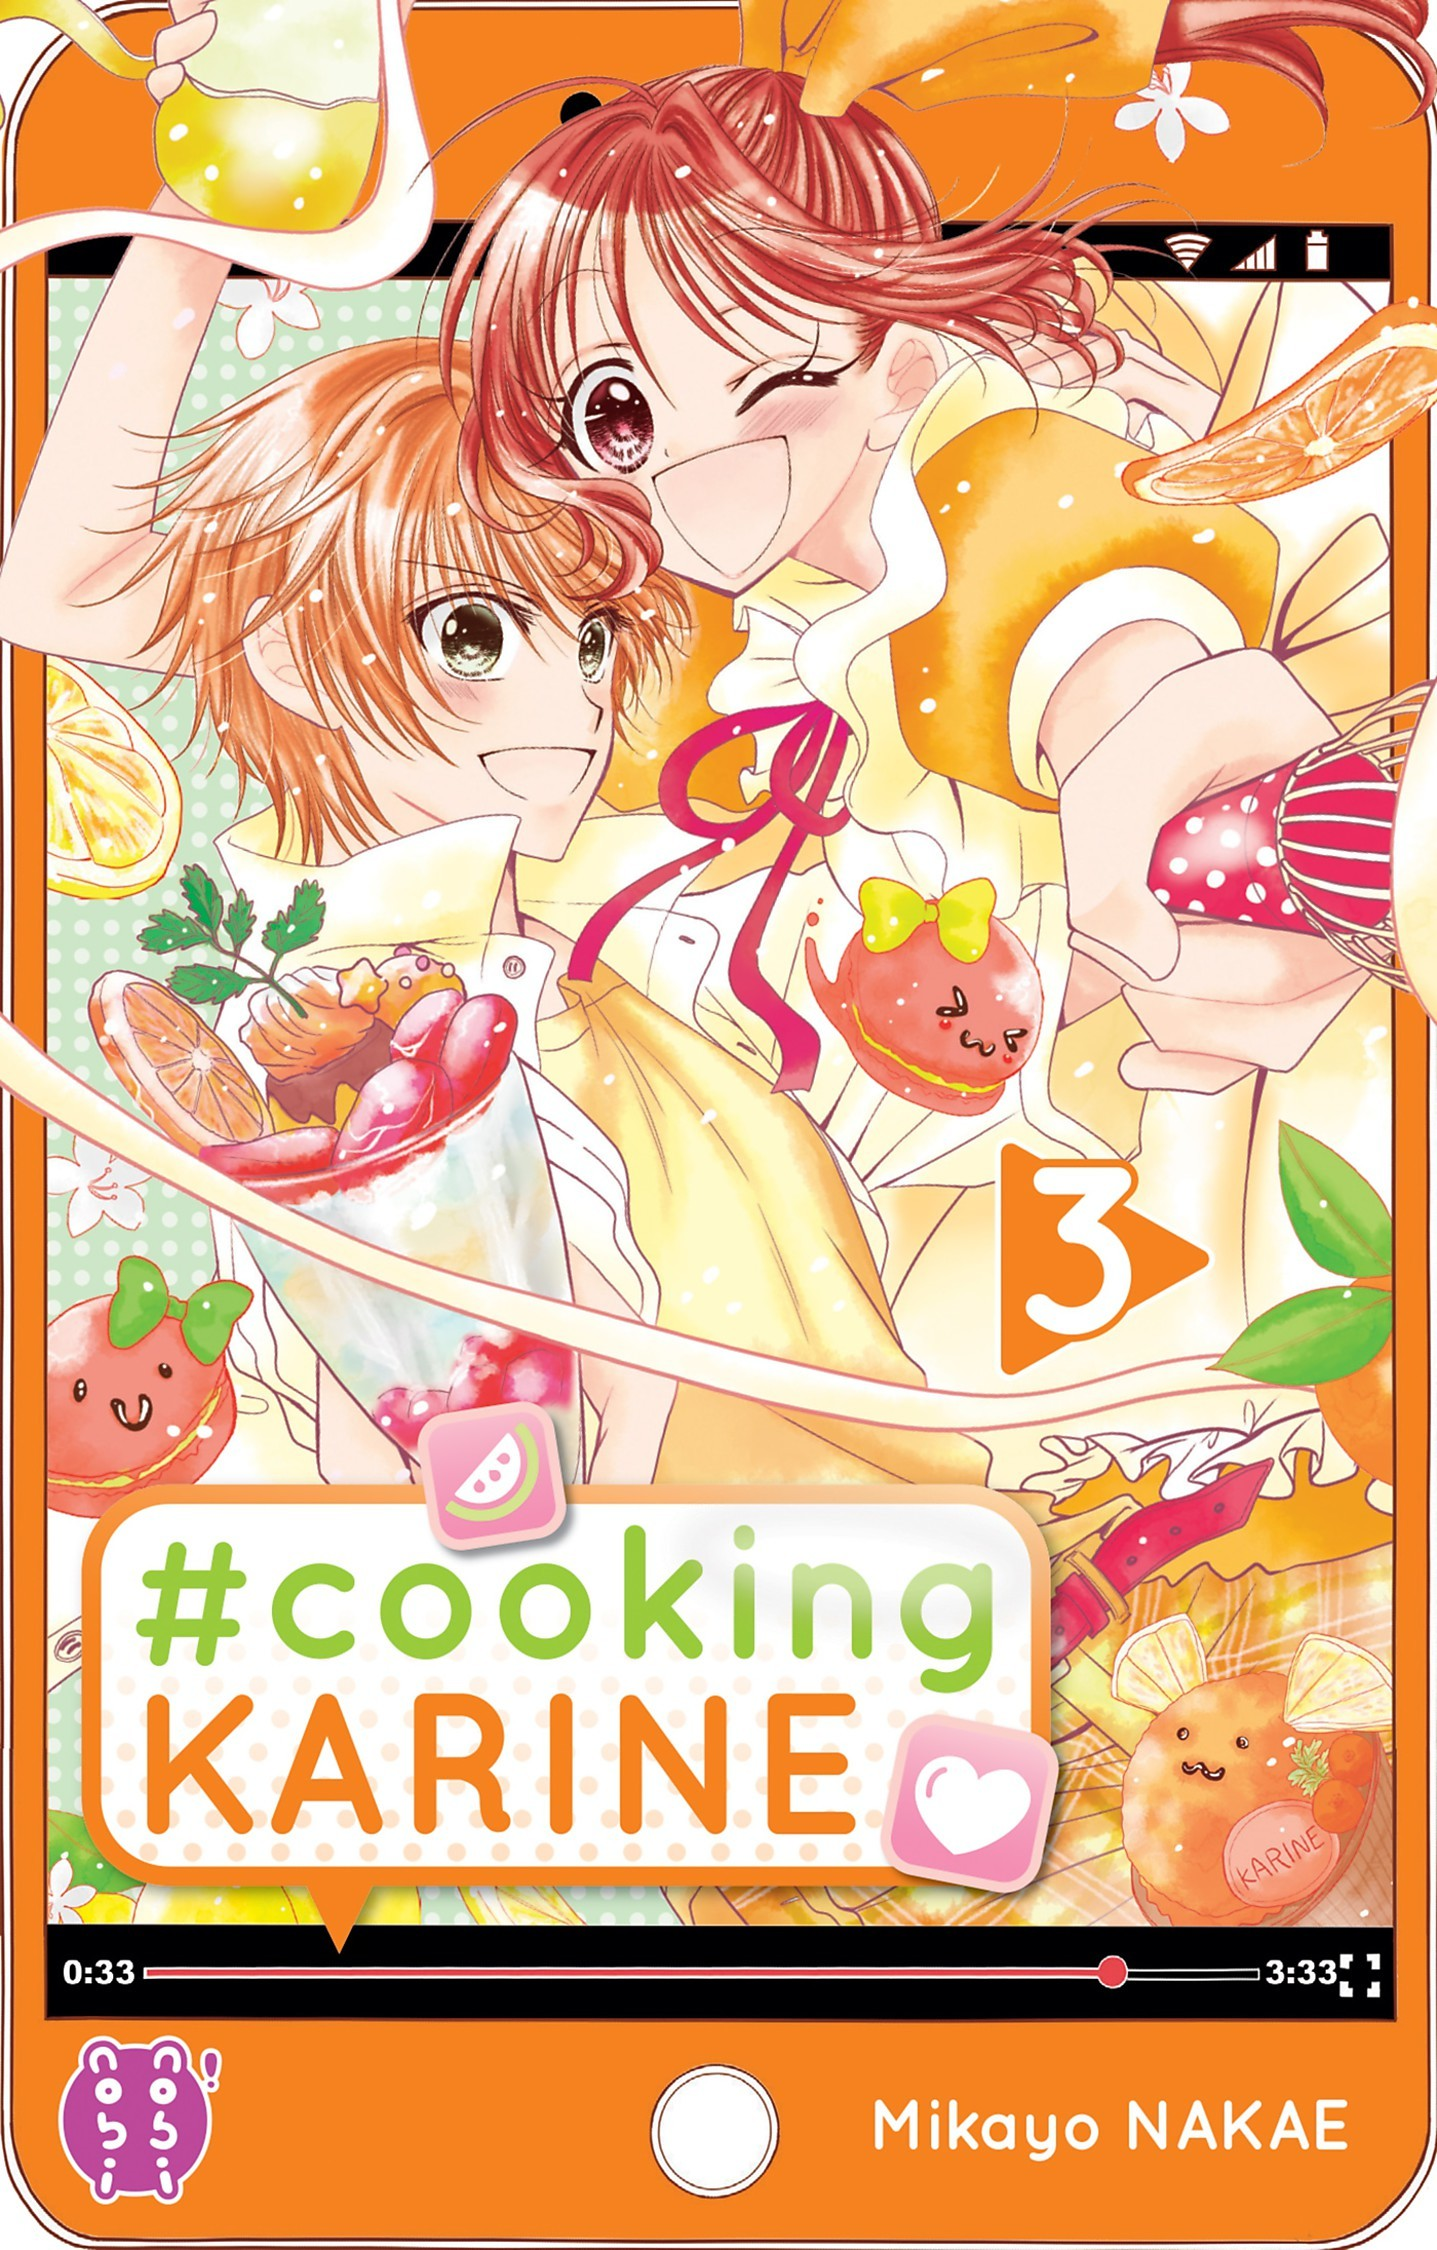 #Cooking Karine 3